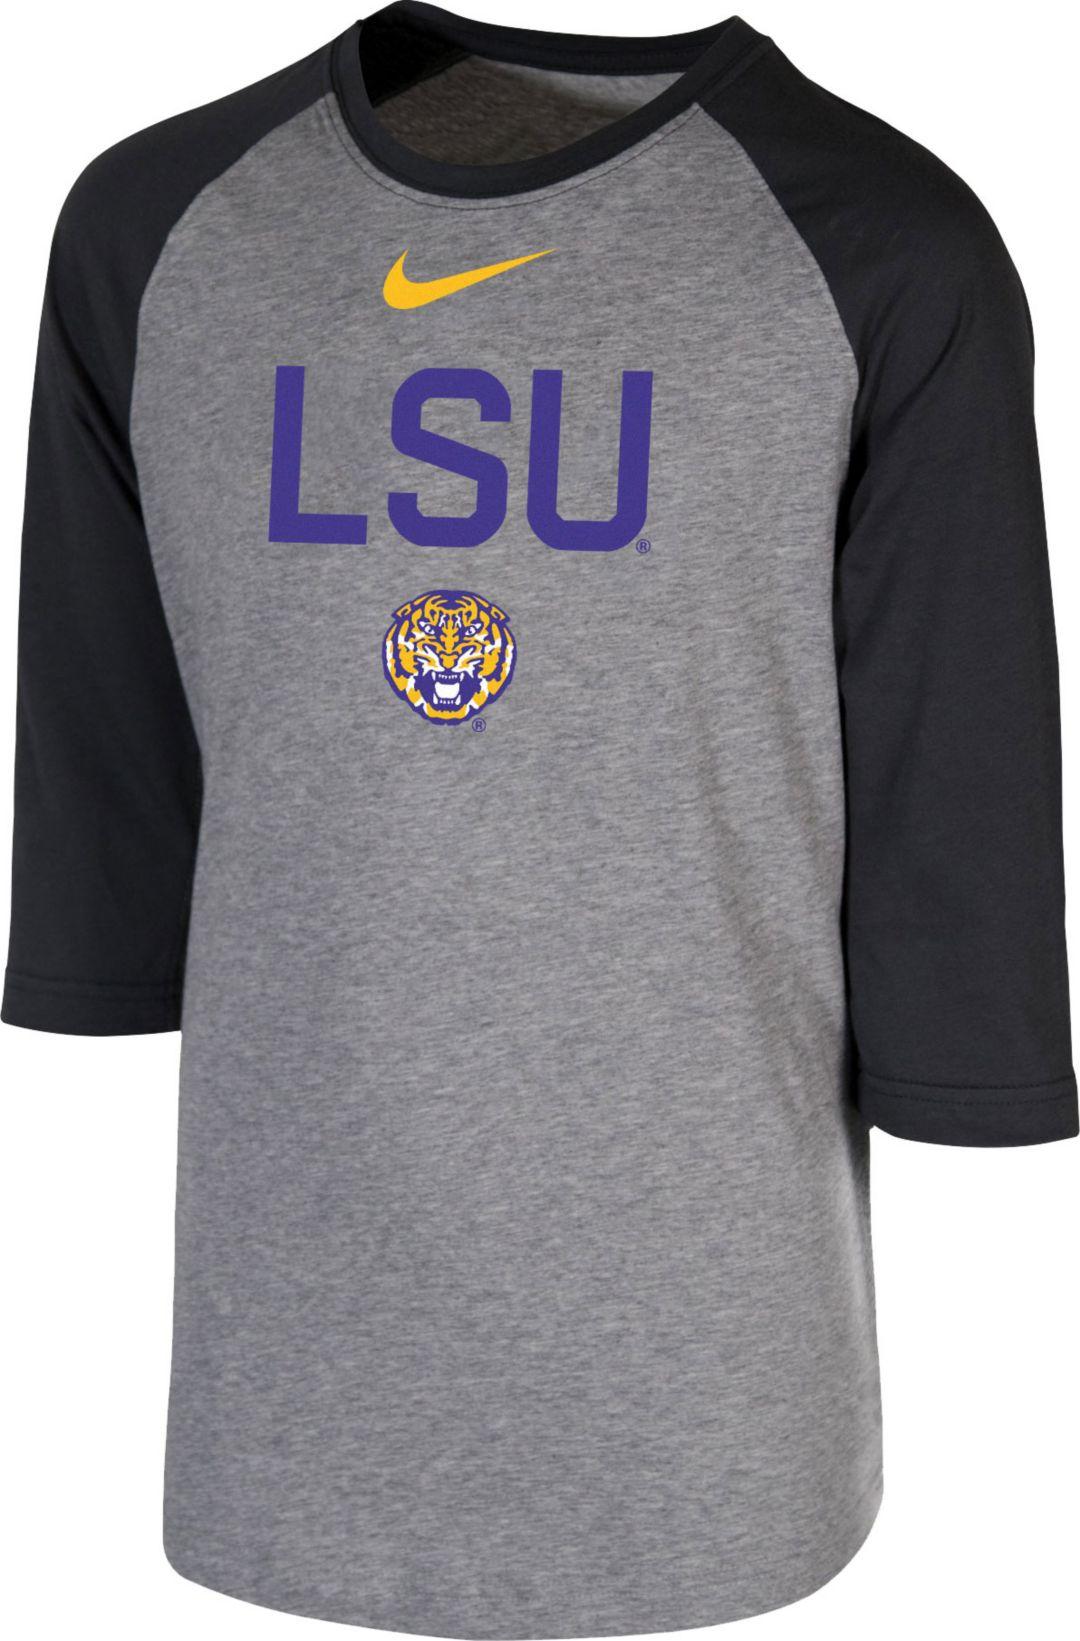 51dea80fcd39 Nike Youth LSU Tigers Grey 3/4 Sleeve Raglan T-Shirt. noImageFound. 1